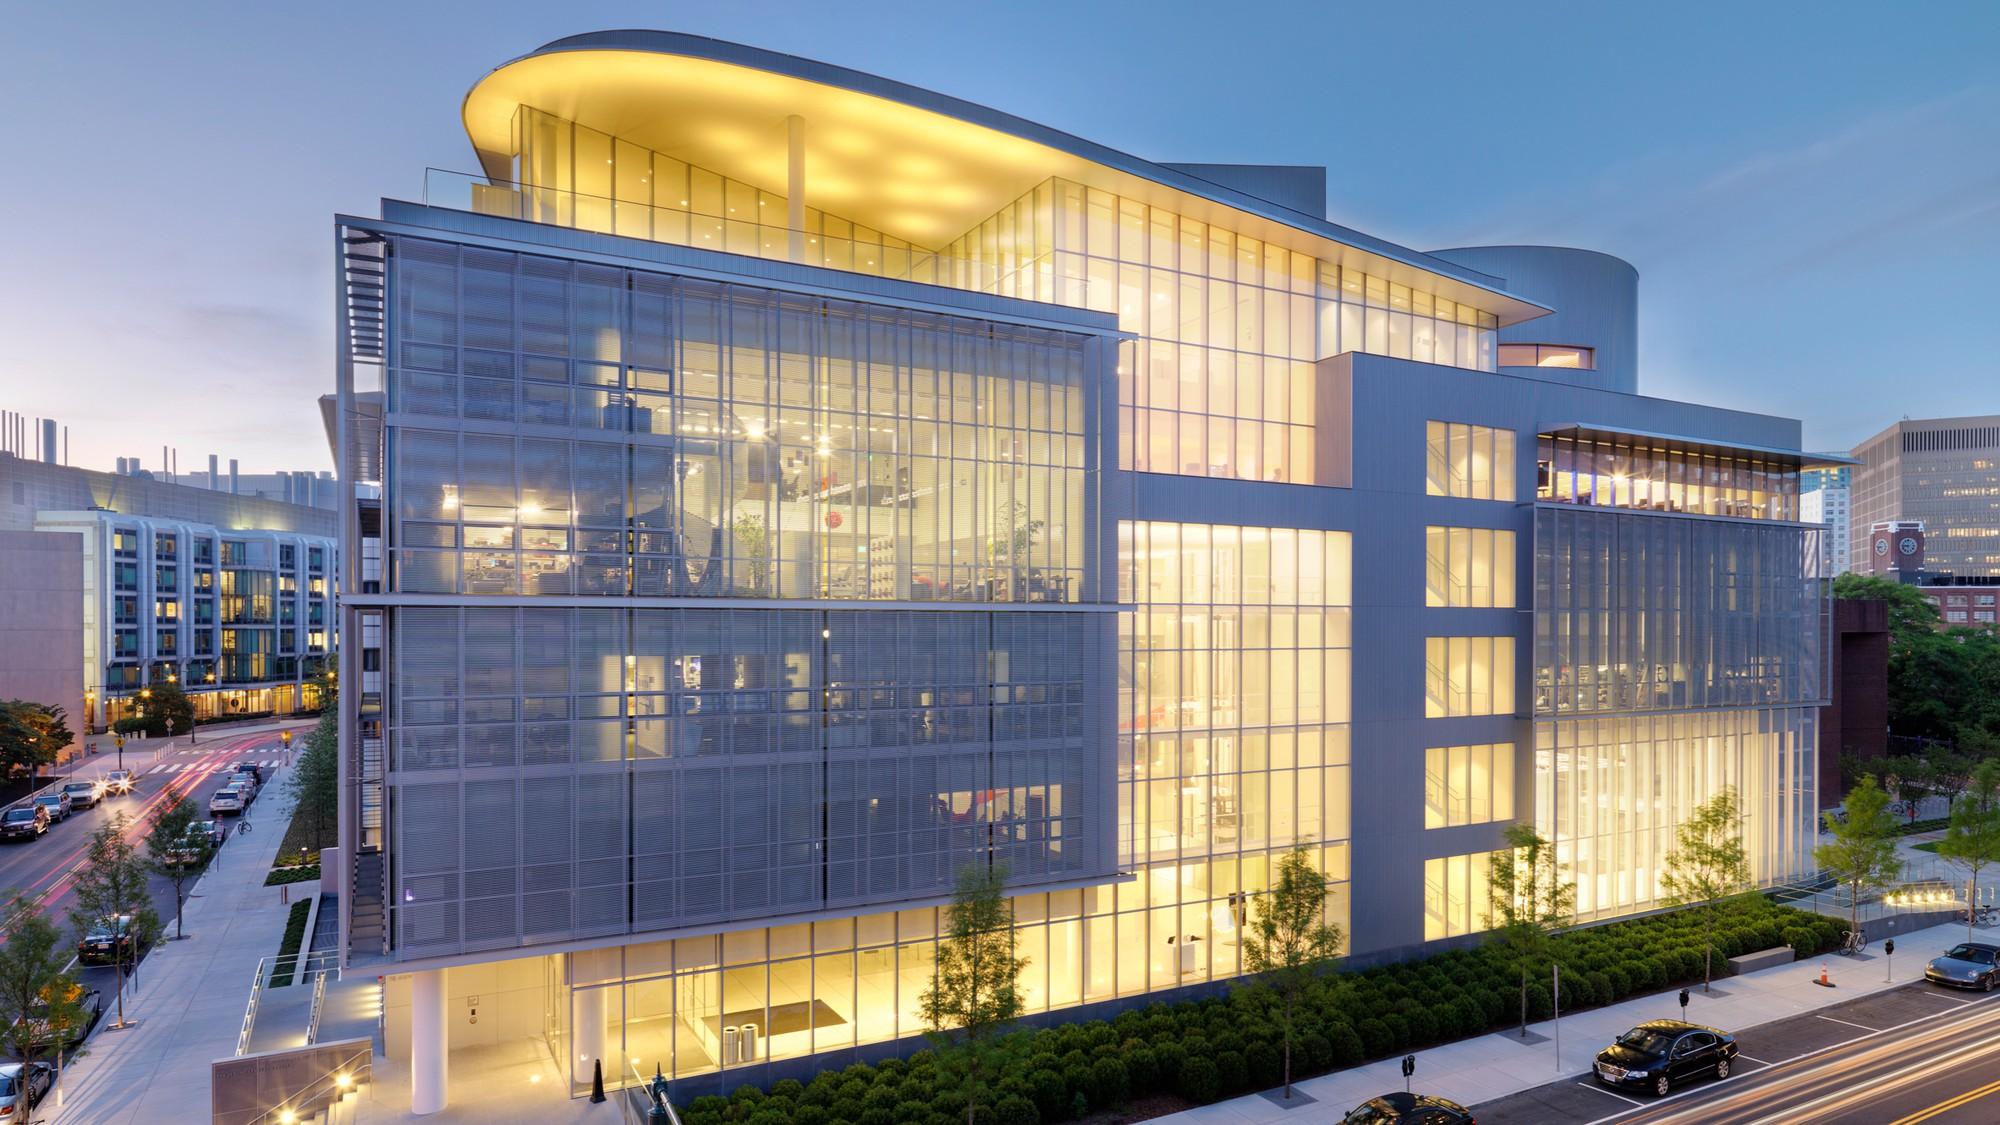 Ngắm kiến trúc độc đáo của MIT - trường ĐH được xếp hạng tốt nhất thế giới 7 năm liên tiếp - Ảnh 14.